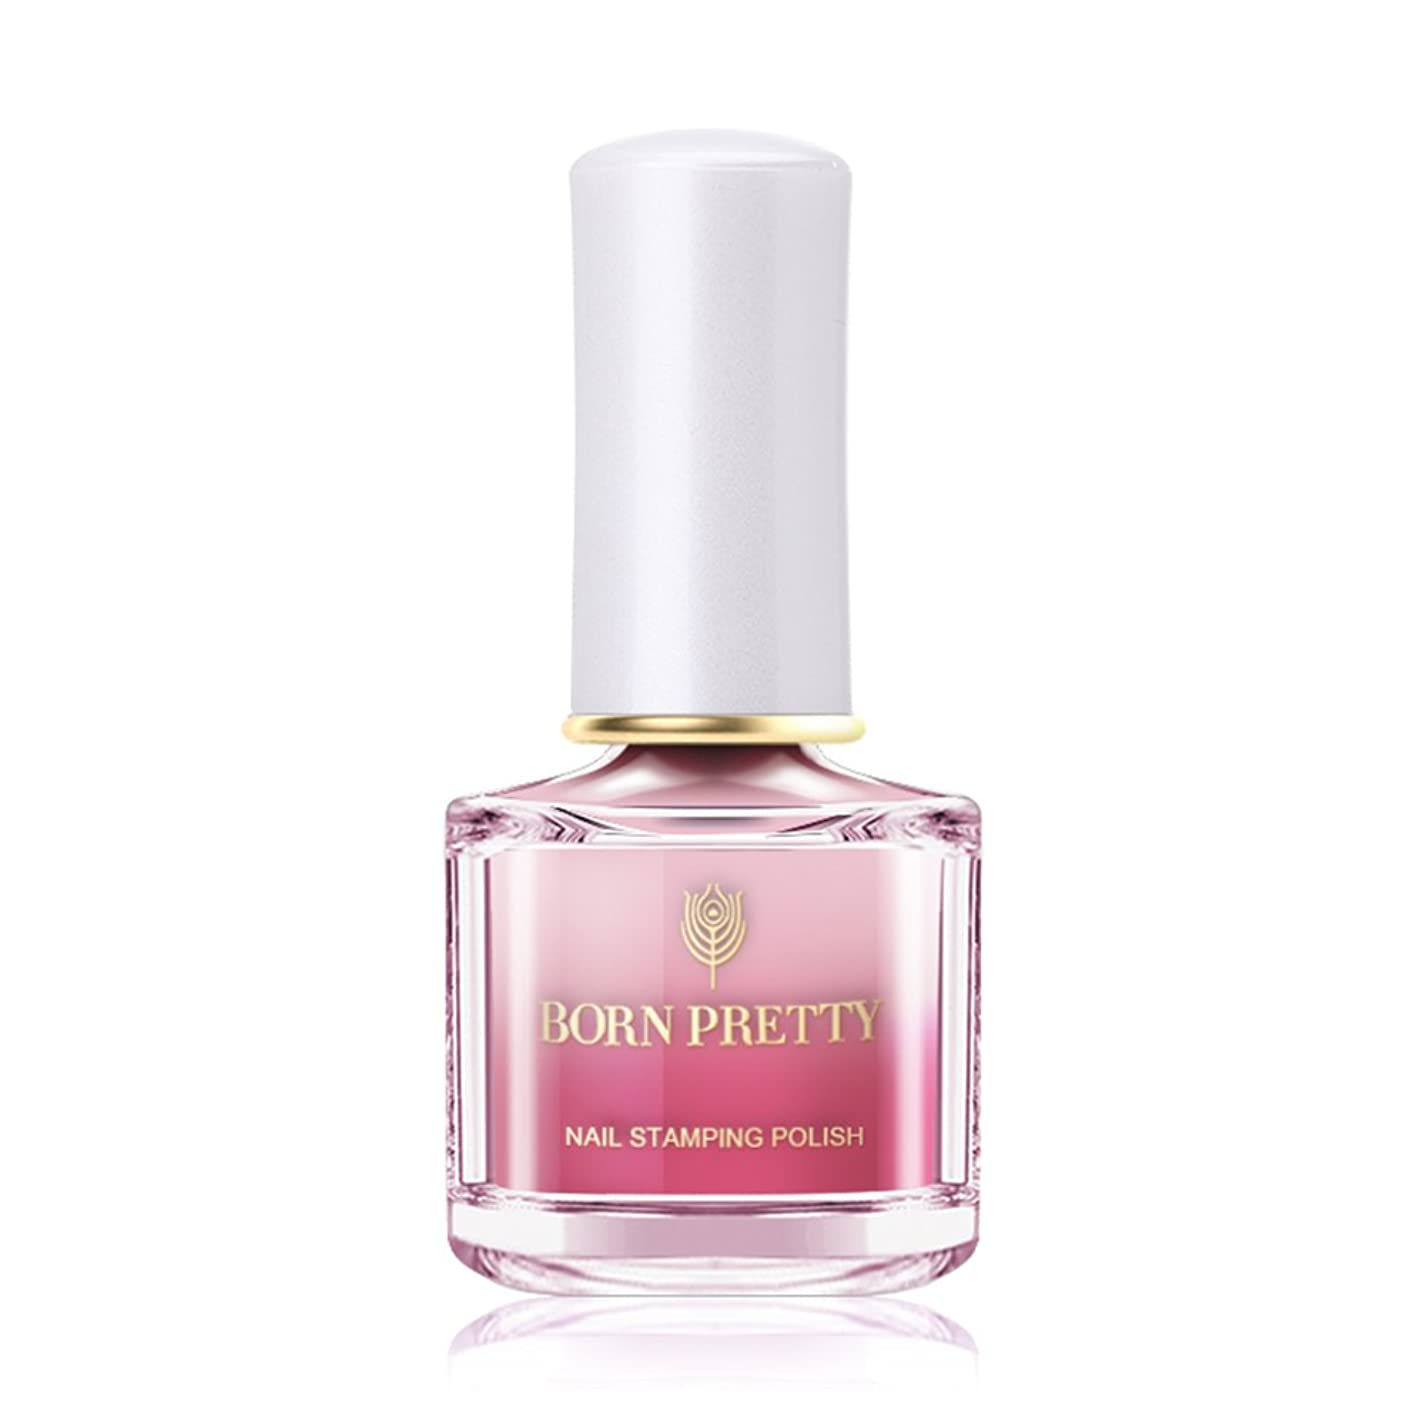 コカインバスケットボール歴史的BORN PRETTY カメレオンスタンピングネイルカラー 温度によって色が変わる 6ml 【全12色】 セルフネイルスタンピングネイル (BP-I10 Beauty in pink) [並行輸入品]